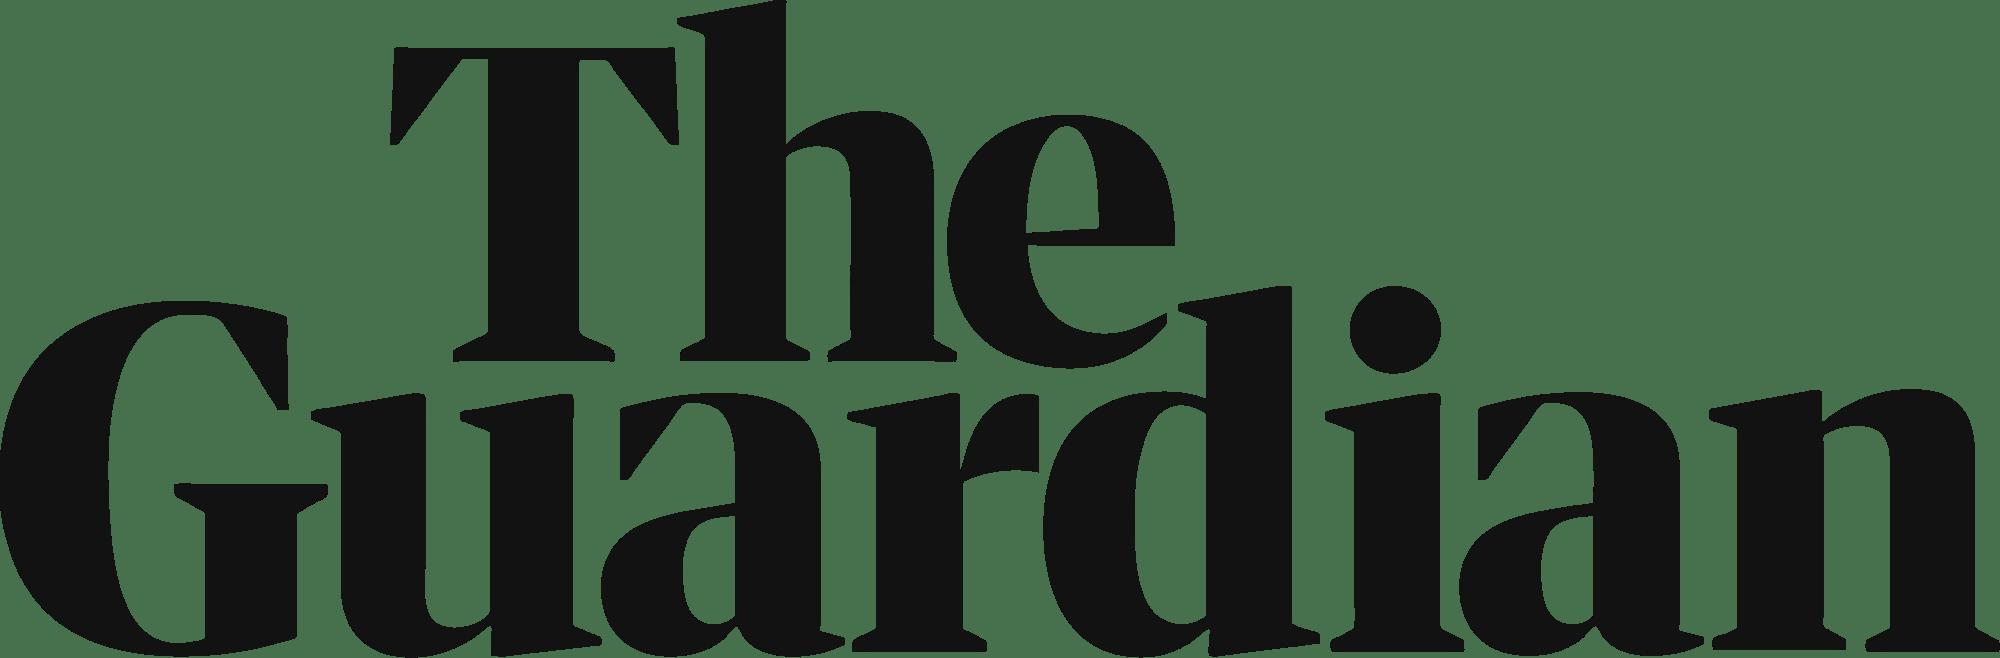 Guardian News & Media